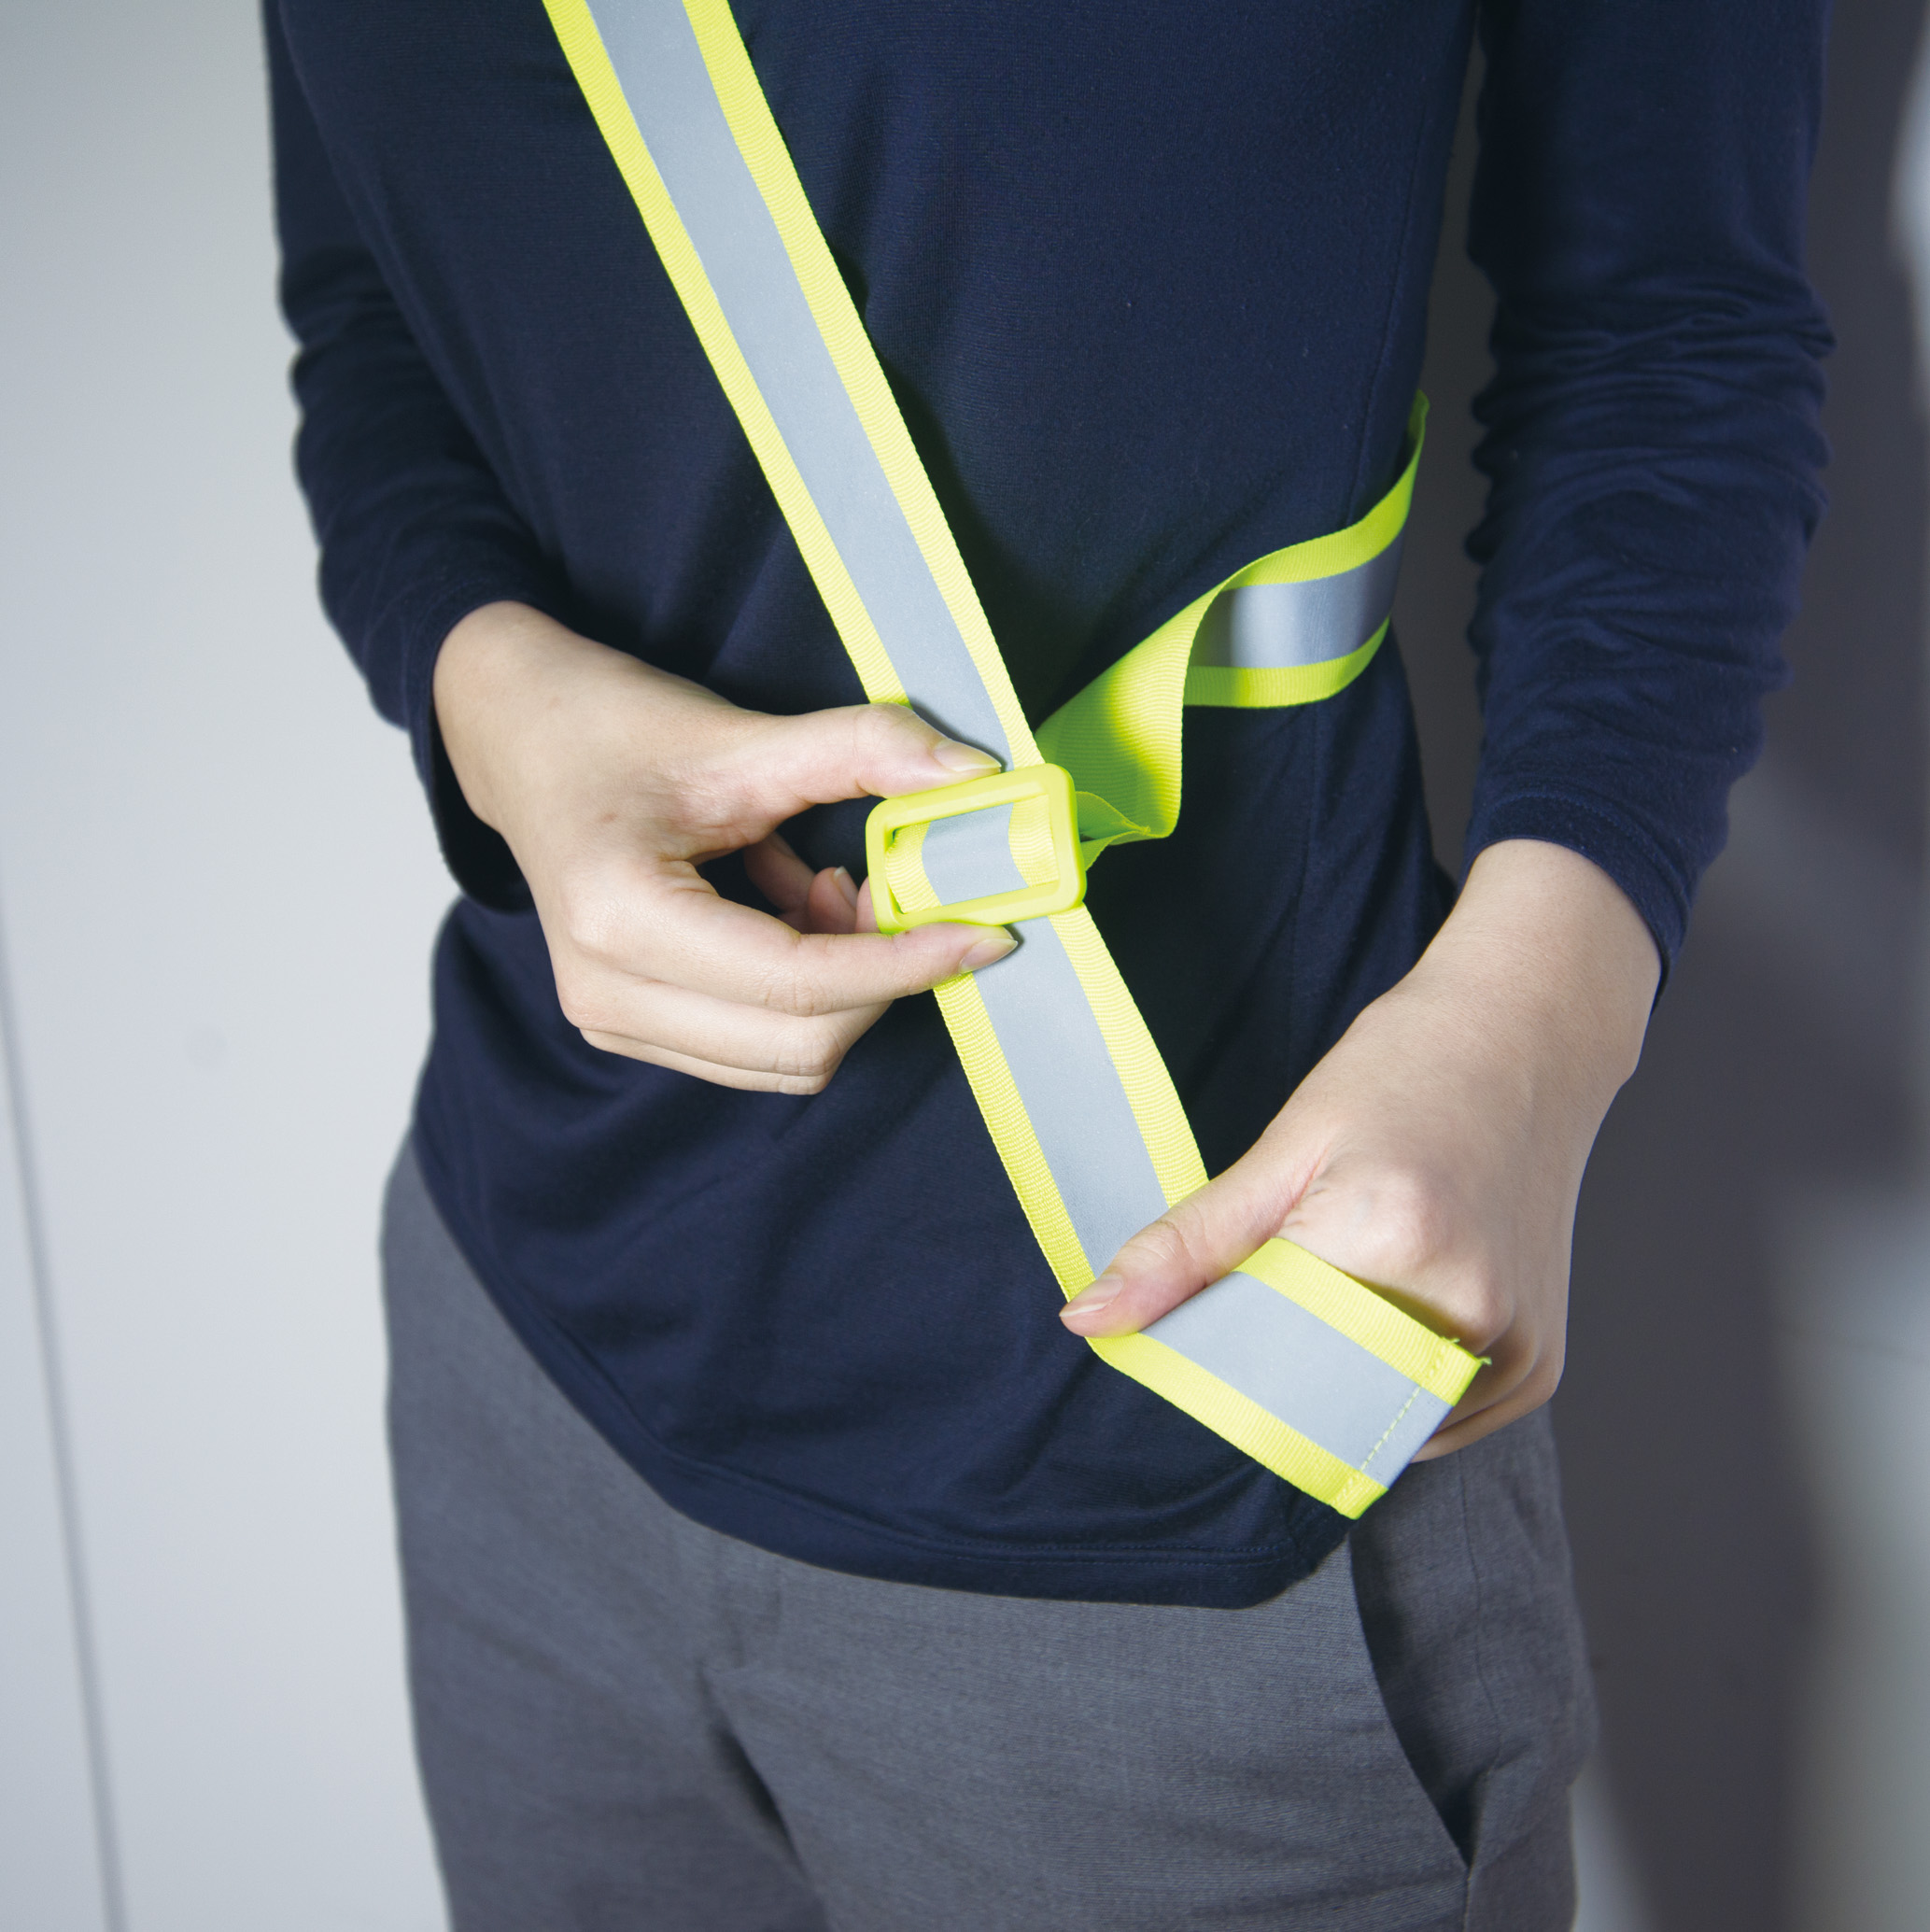 【100本セット】高輝度反射 バックル付 反射タスキ 蛍光黄色 送料無料